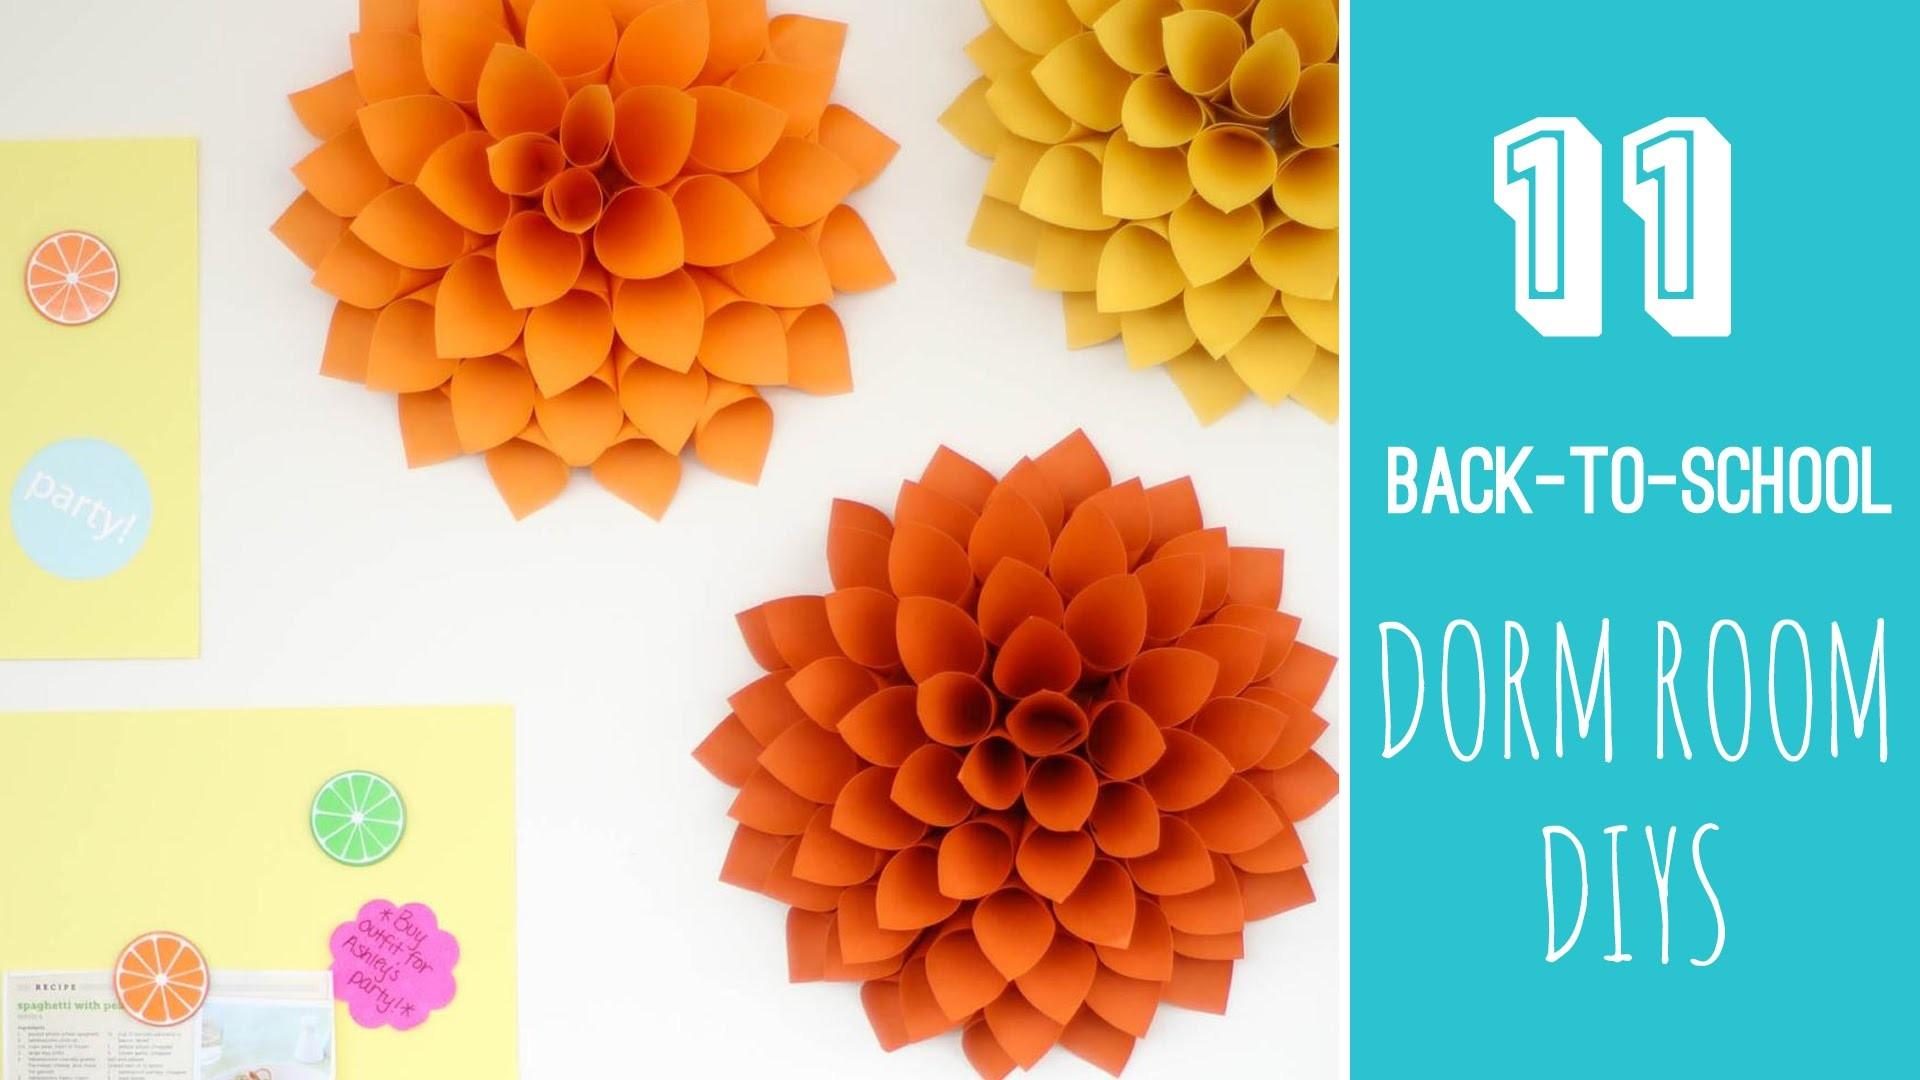 Dorm Room Makeover  Tour + 11 More Easy Back-to-School DIYS  - HGTV Handmade